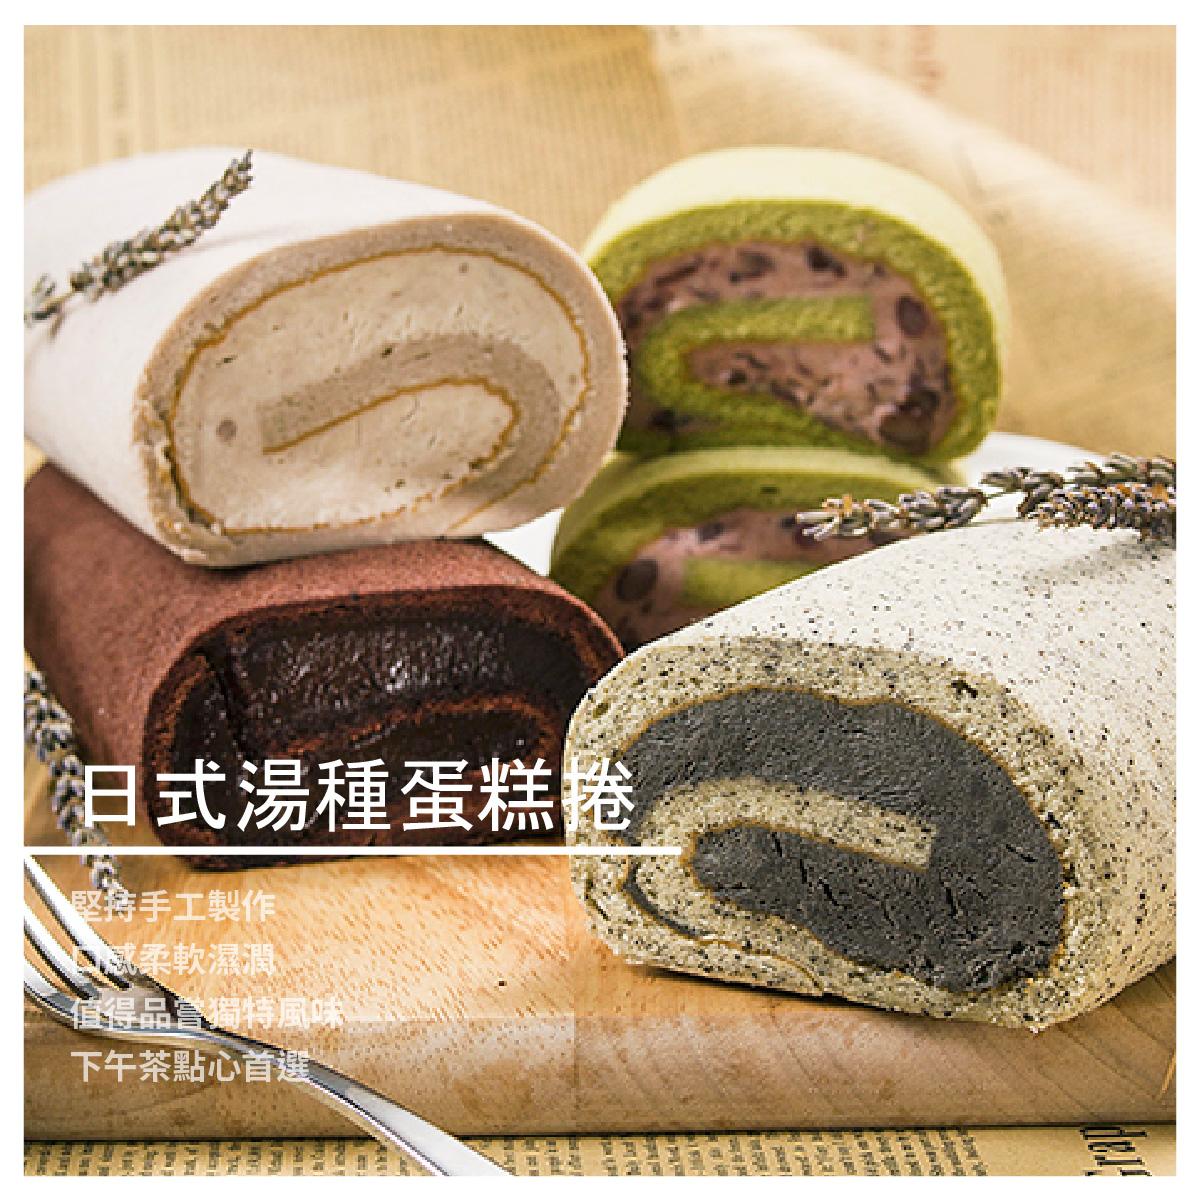 【卡但屋餅店】日式湯種蛋糕捲/條/四款口味